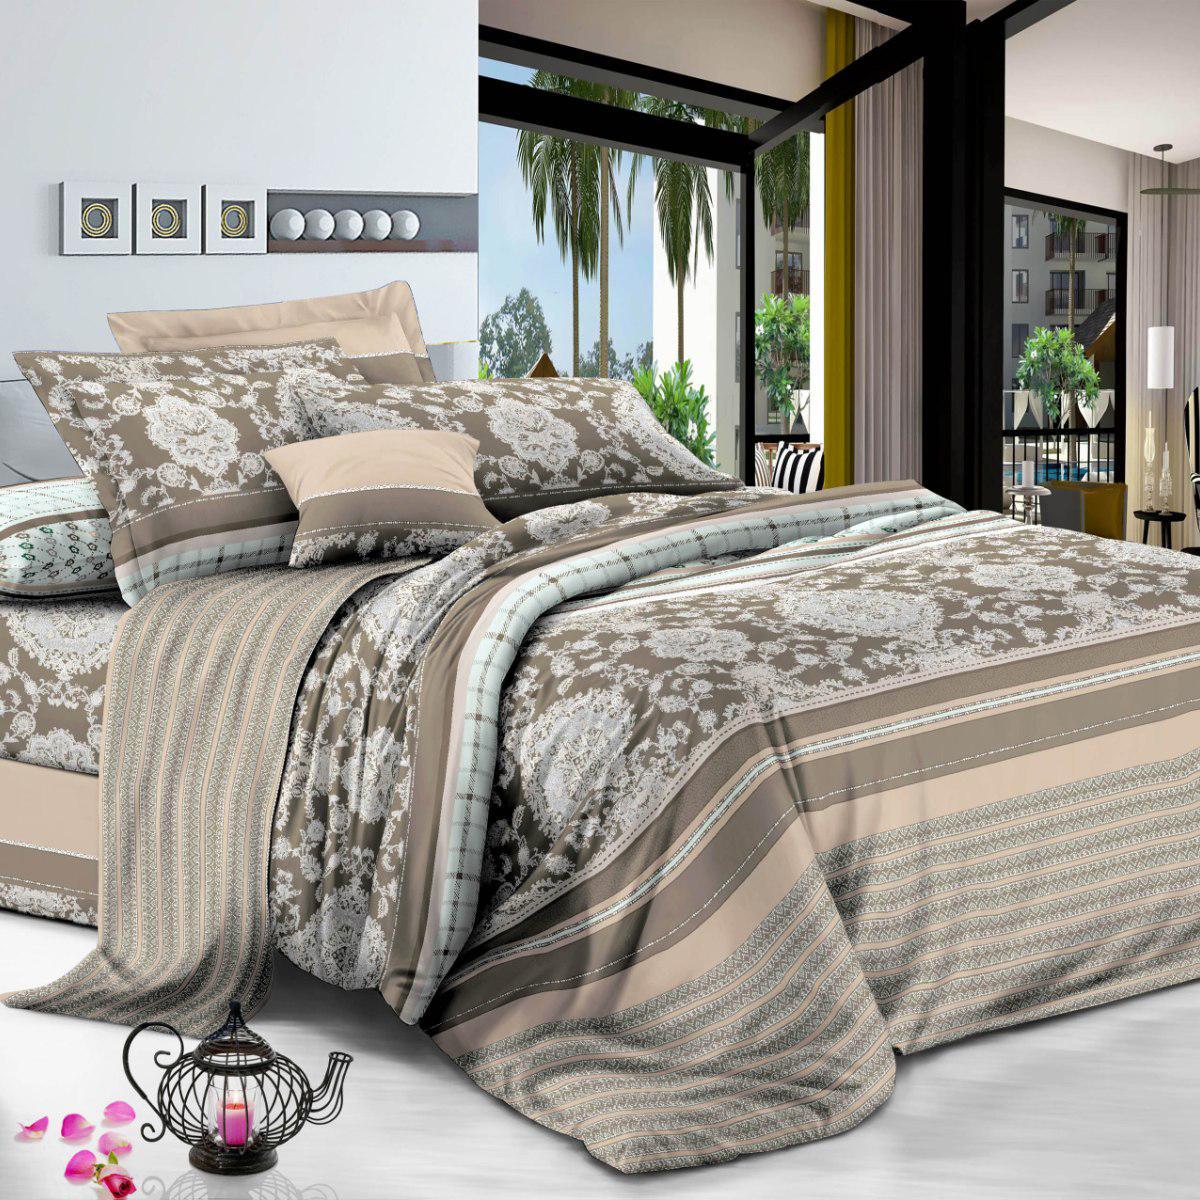 Комплект постельного белья Letto семейный сатин 50x70 70x70 см